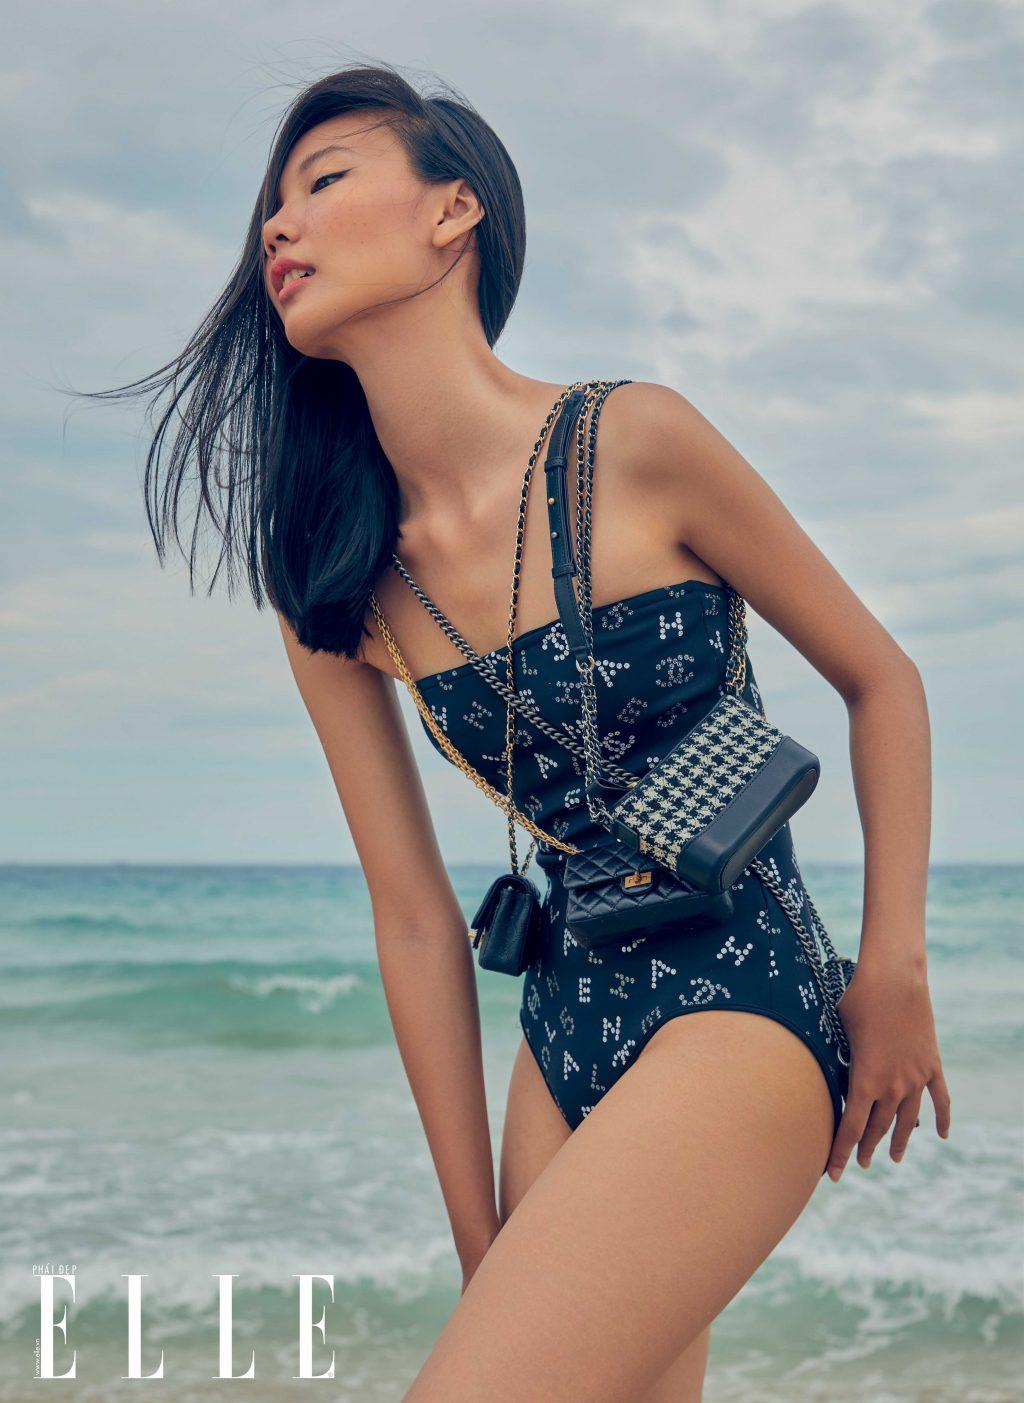 bộ ảnh thời trang mùa Hè người mẫu mặc đồ bơi và mang túi Chanel